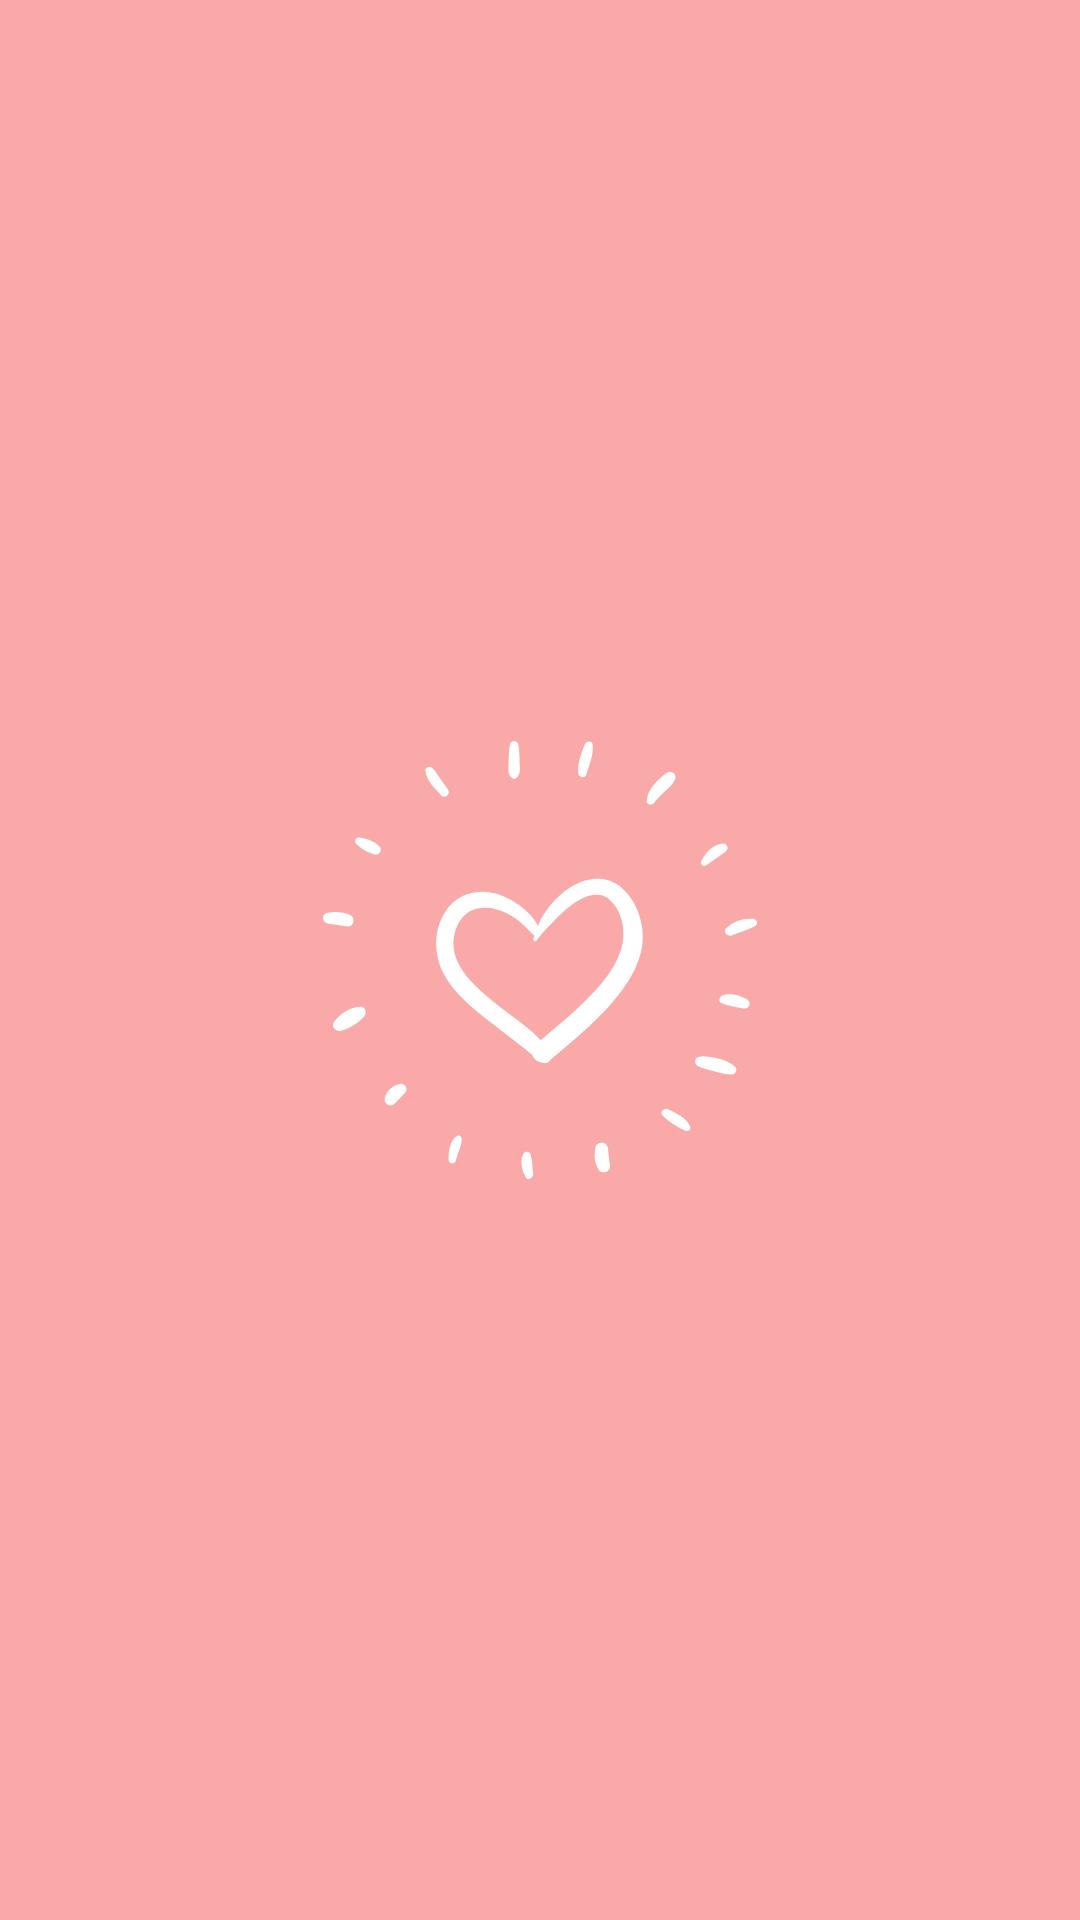 Pink Instagram Story Highlight Cover Heart Love Fotografi Abstrak Foto Sampul Abstrak